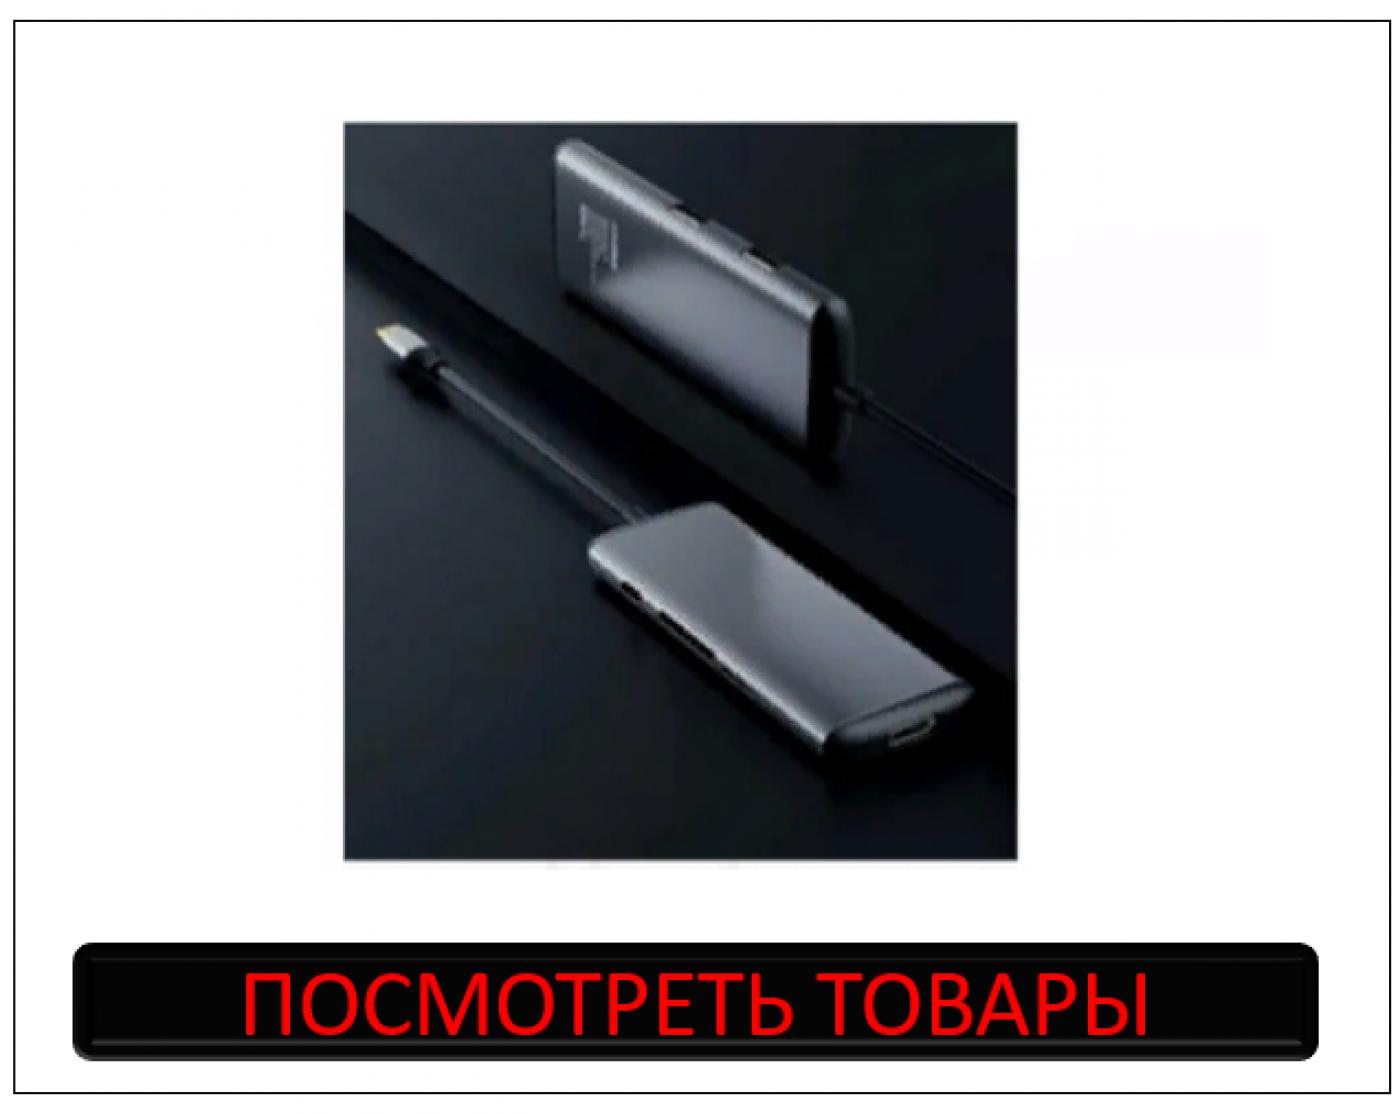 АКСЕСУАРЫ Xiaomi КУПИТЬ В МОСКВА ТРОИЦК